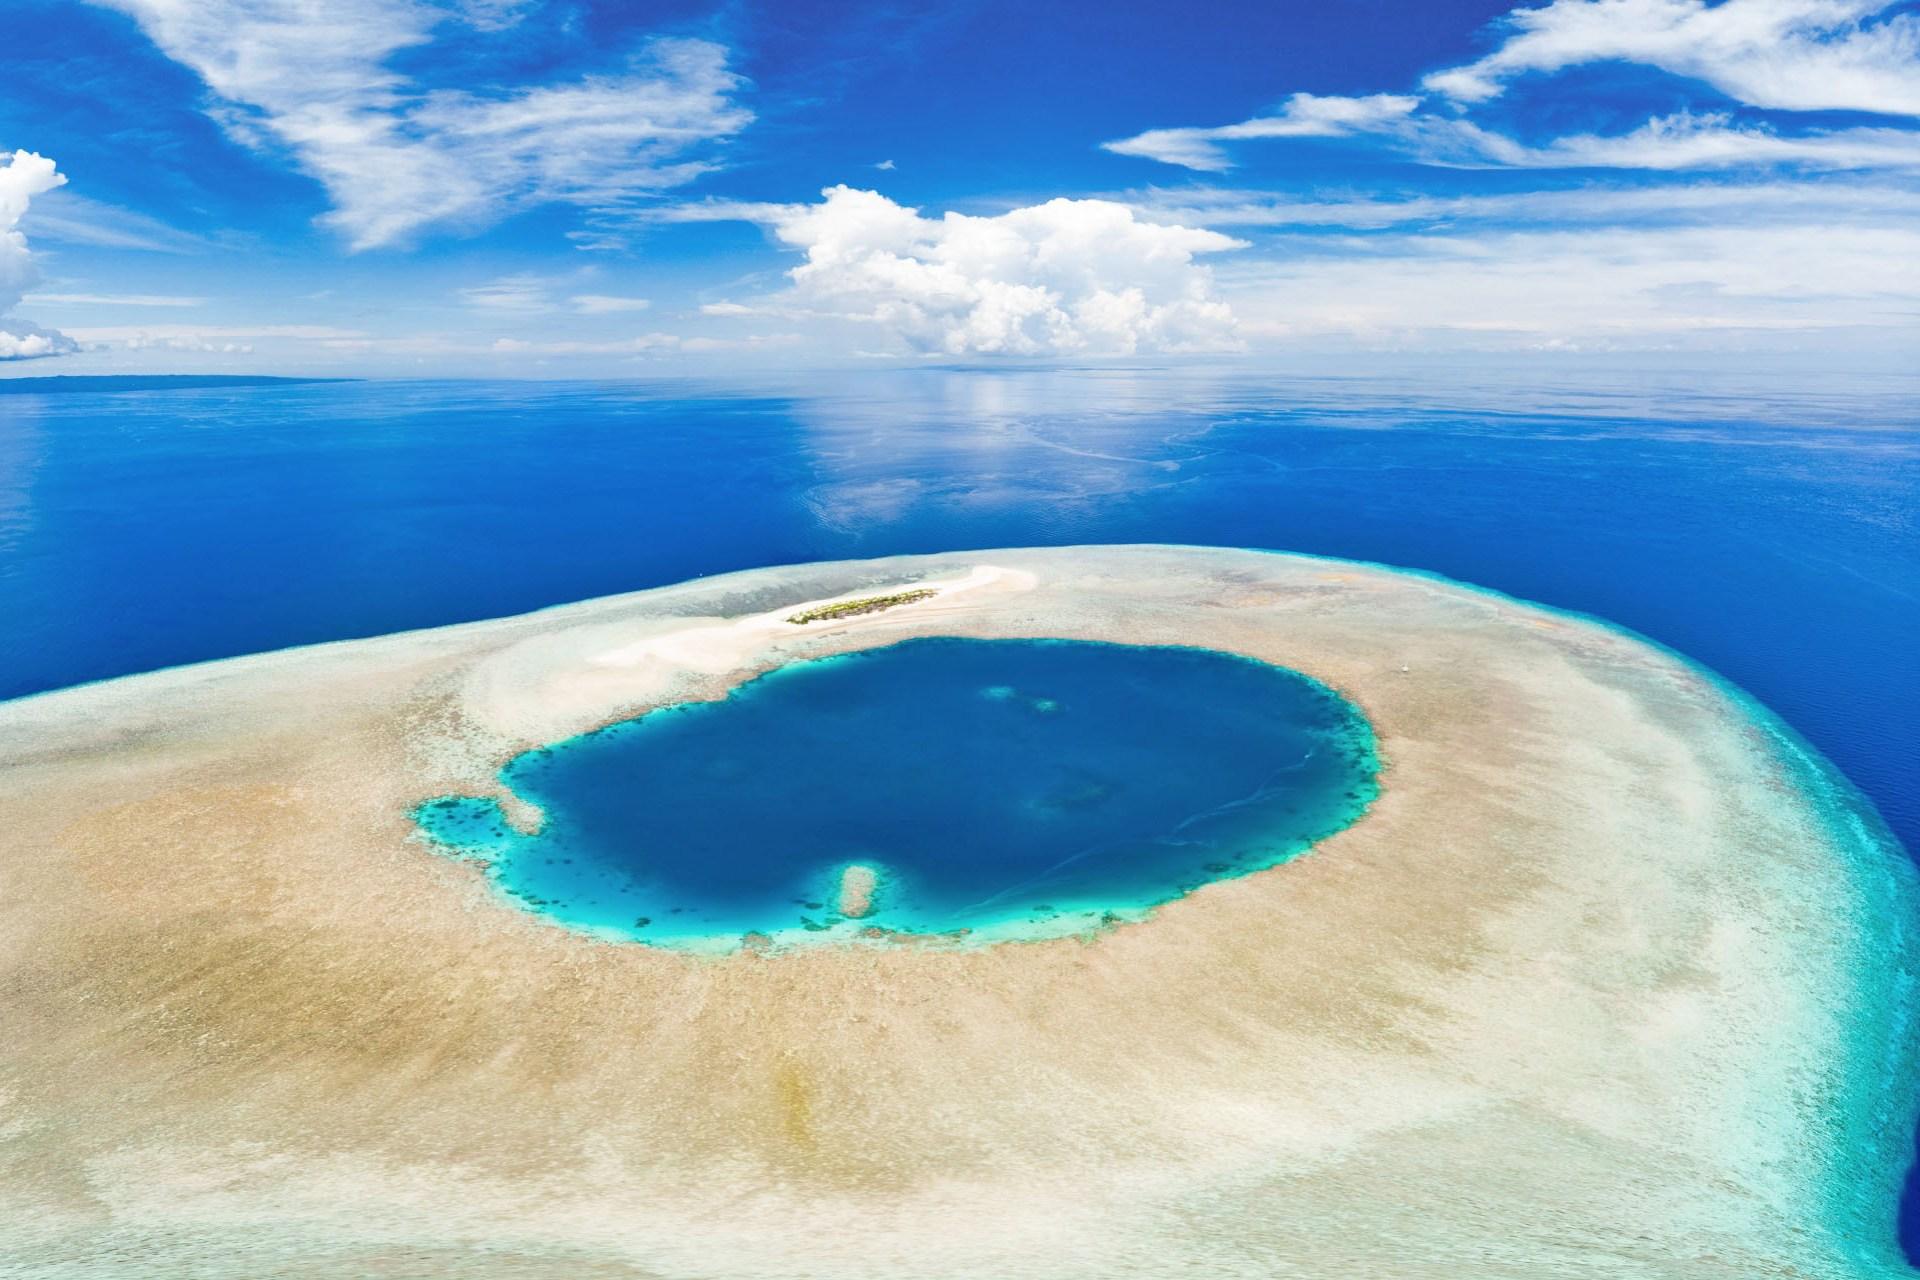 ワカトビのサンゴ礁  インドネシアの風景